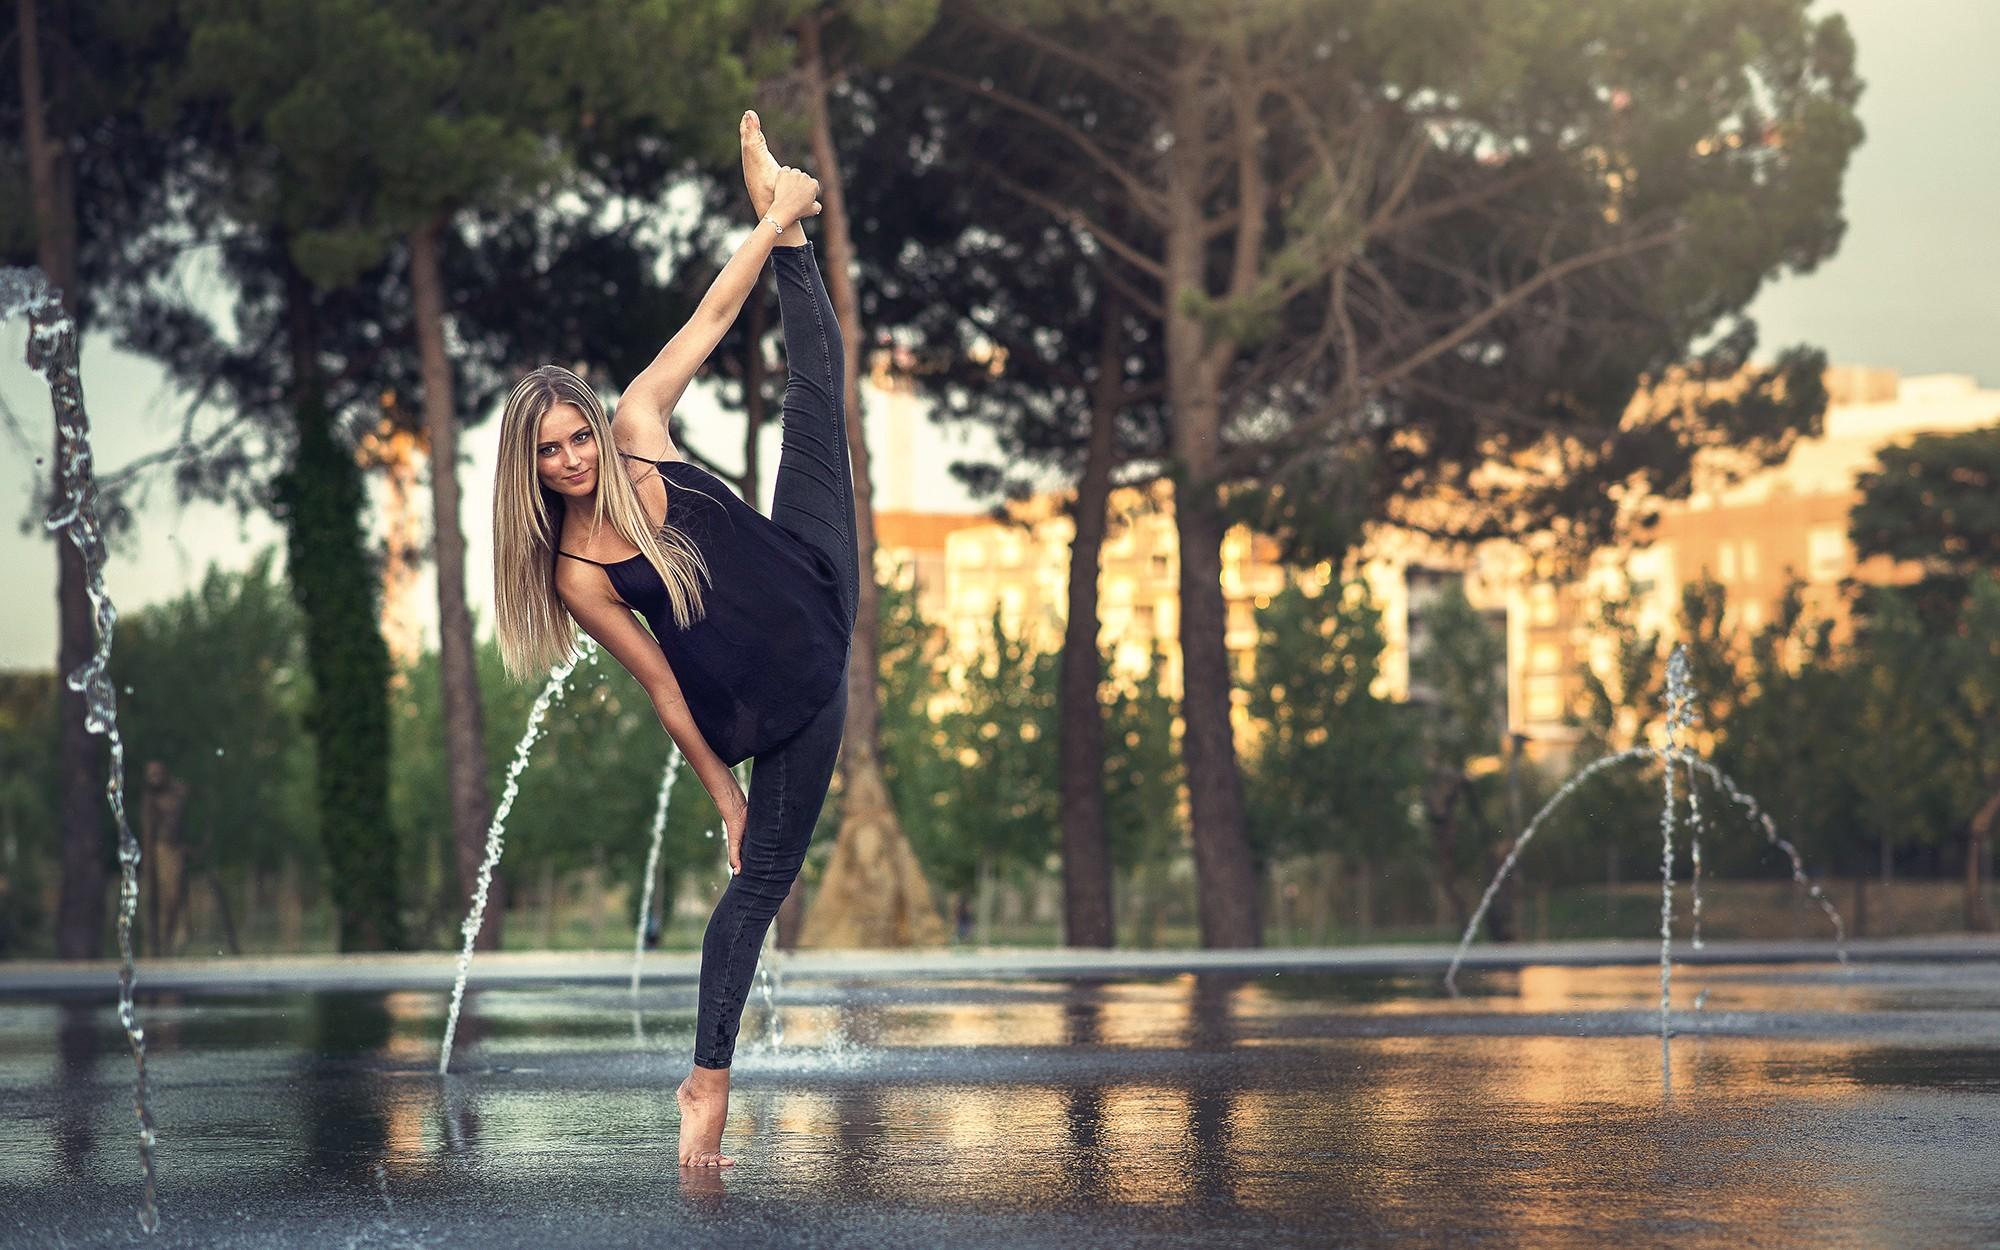 Фото гимнастка фото на улице, влагалище и в поо